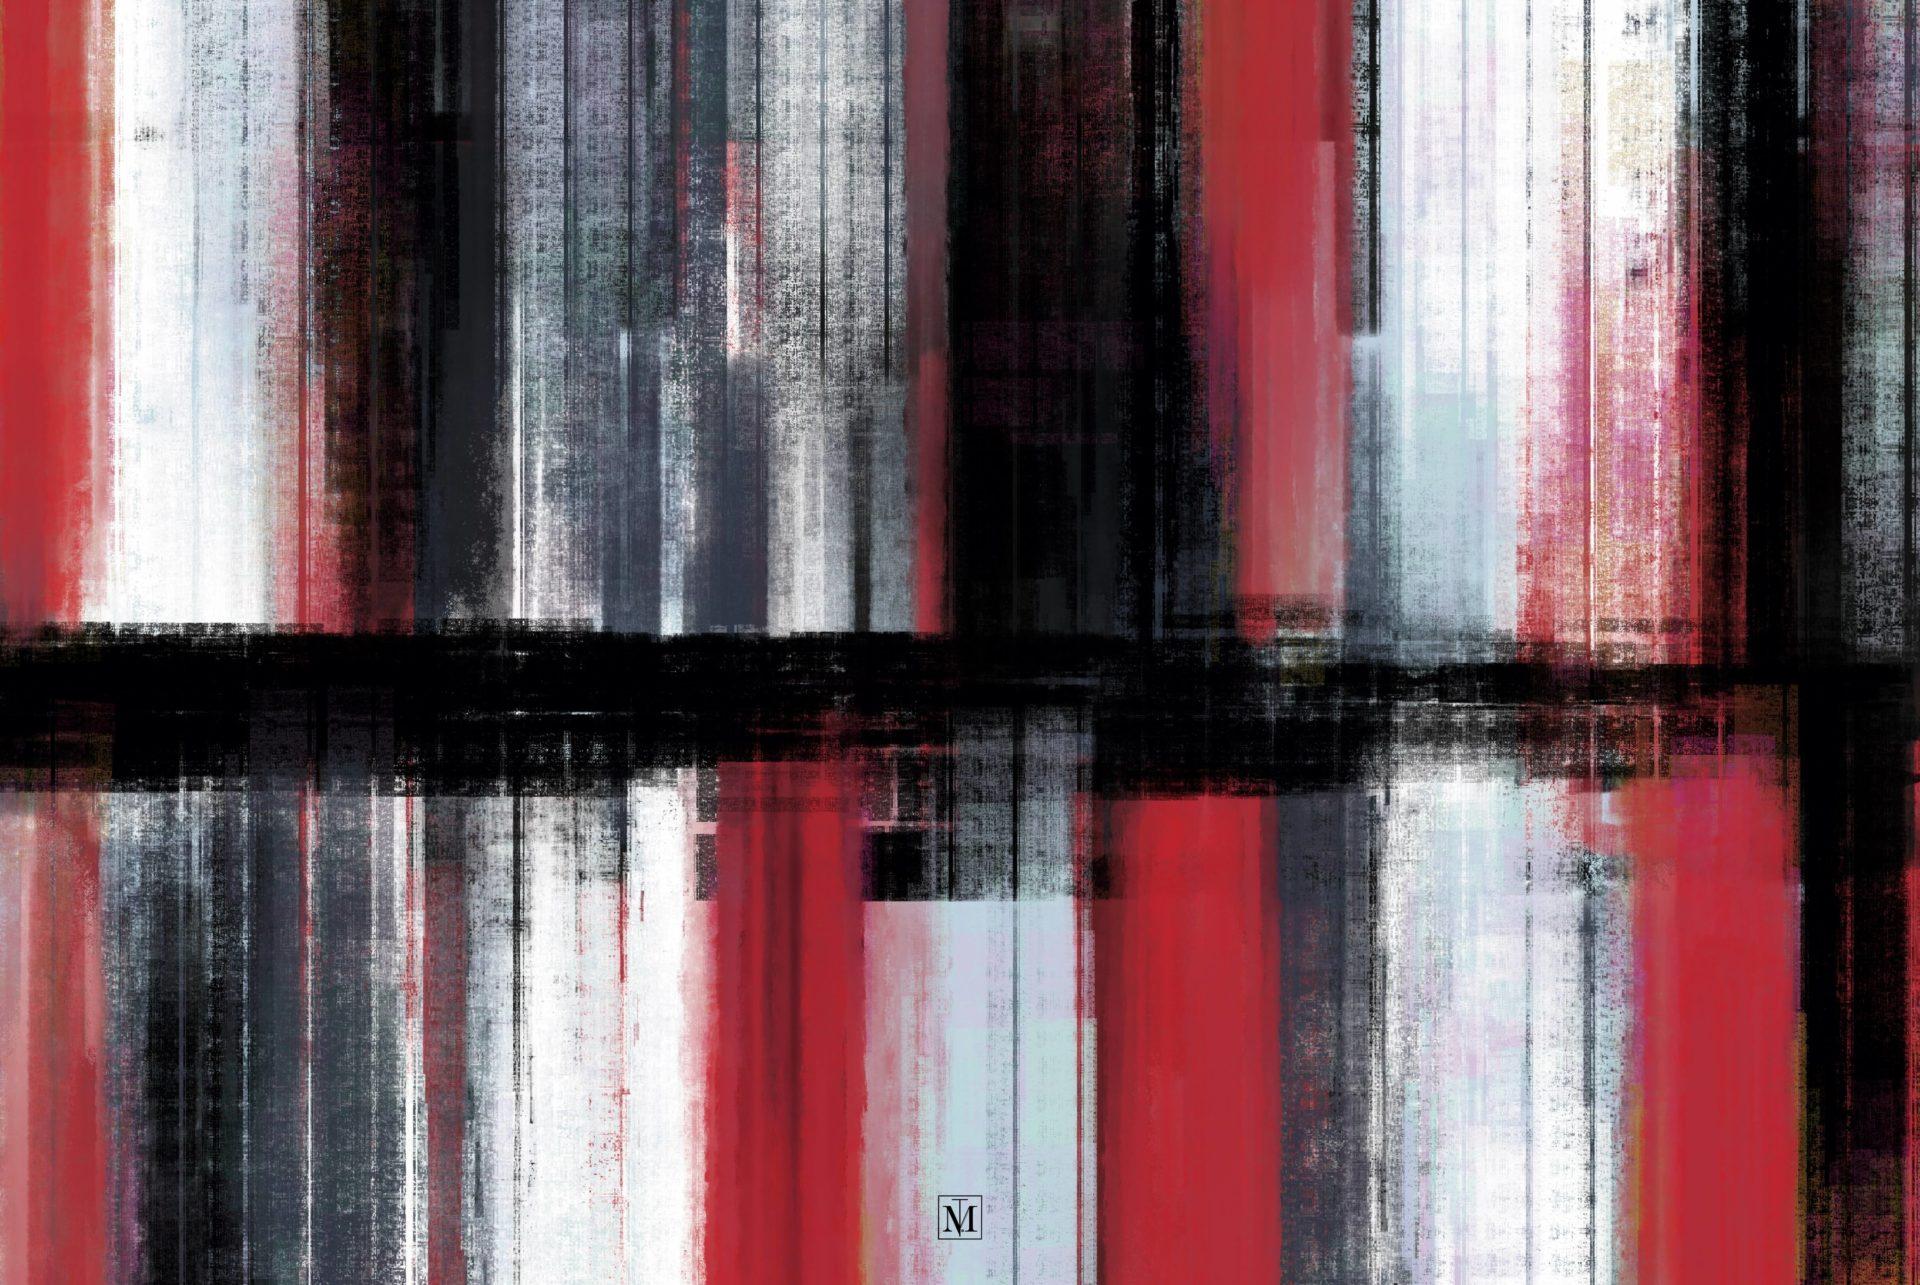 Abstrakte Malerei - Linien rot grau schwarz